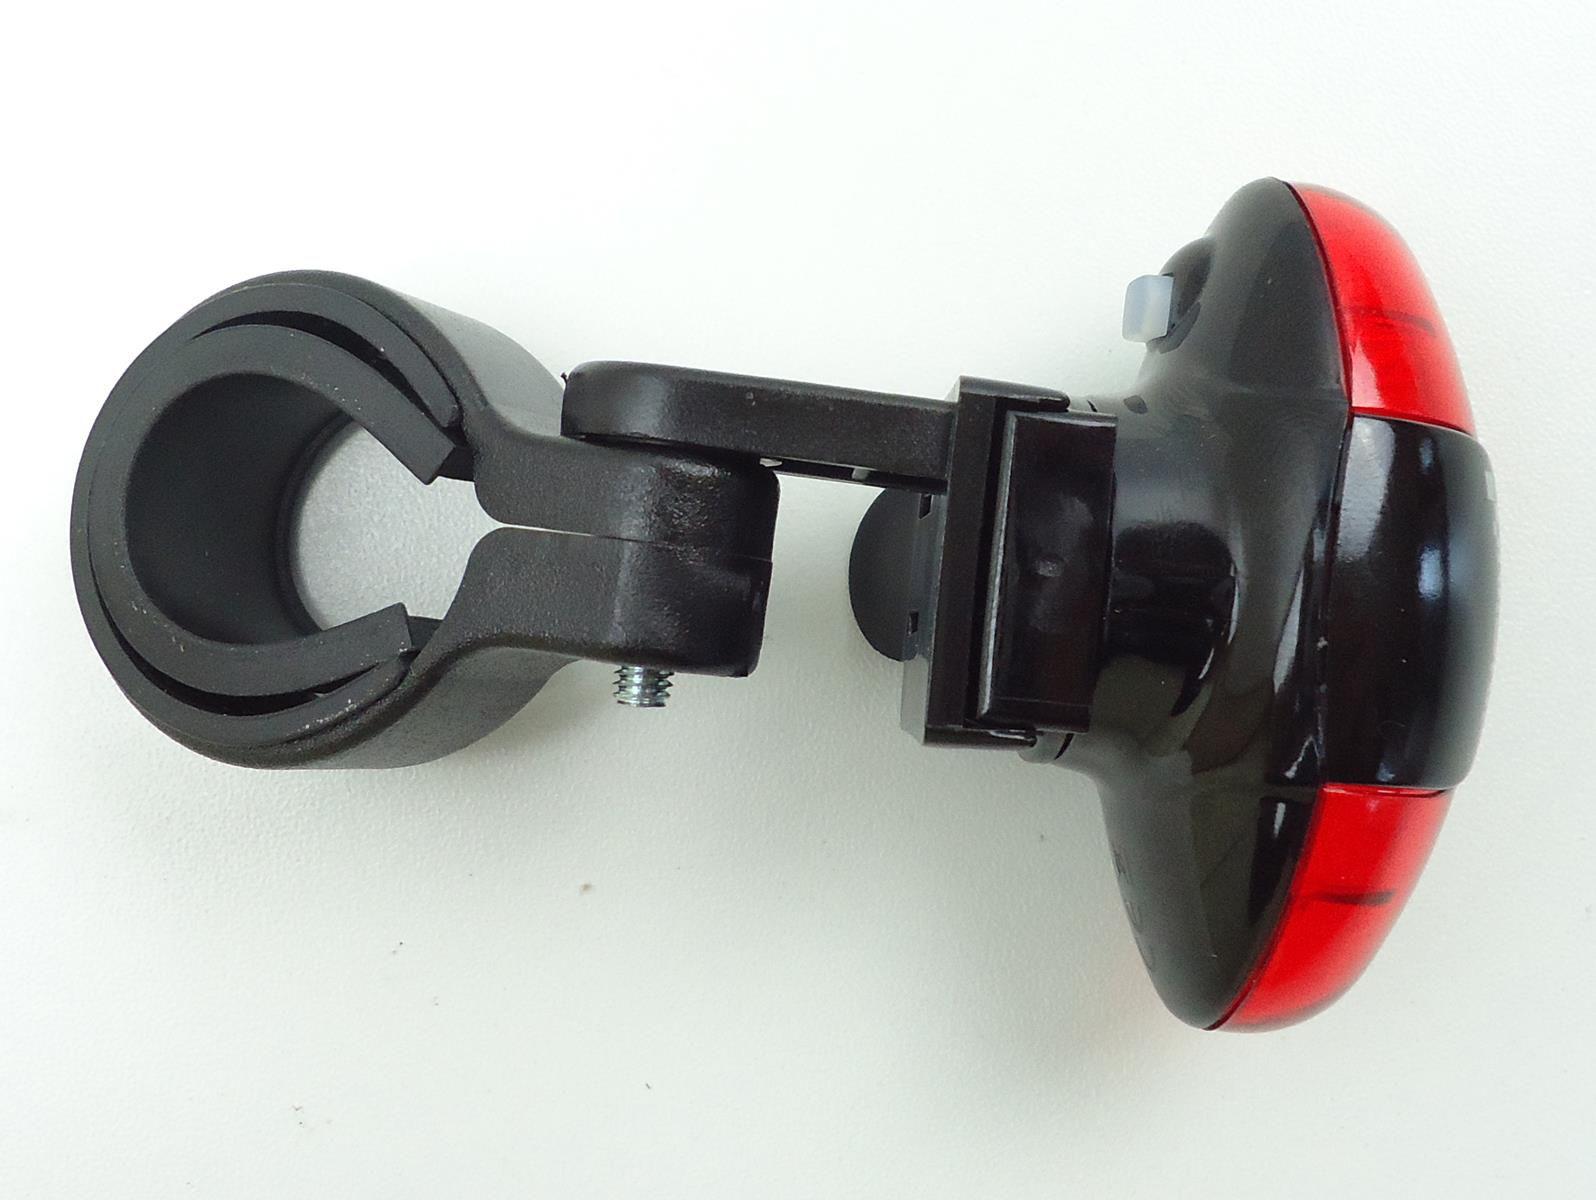 Sinalizador Traseiro Infini I405R Led Vermelho 5 Leds Modos Luz Noturna